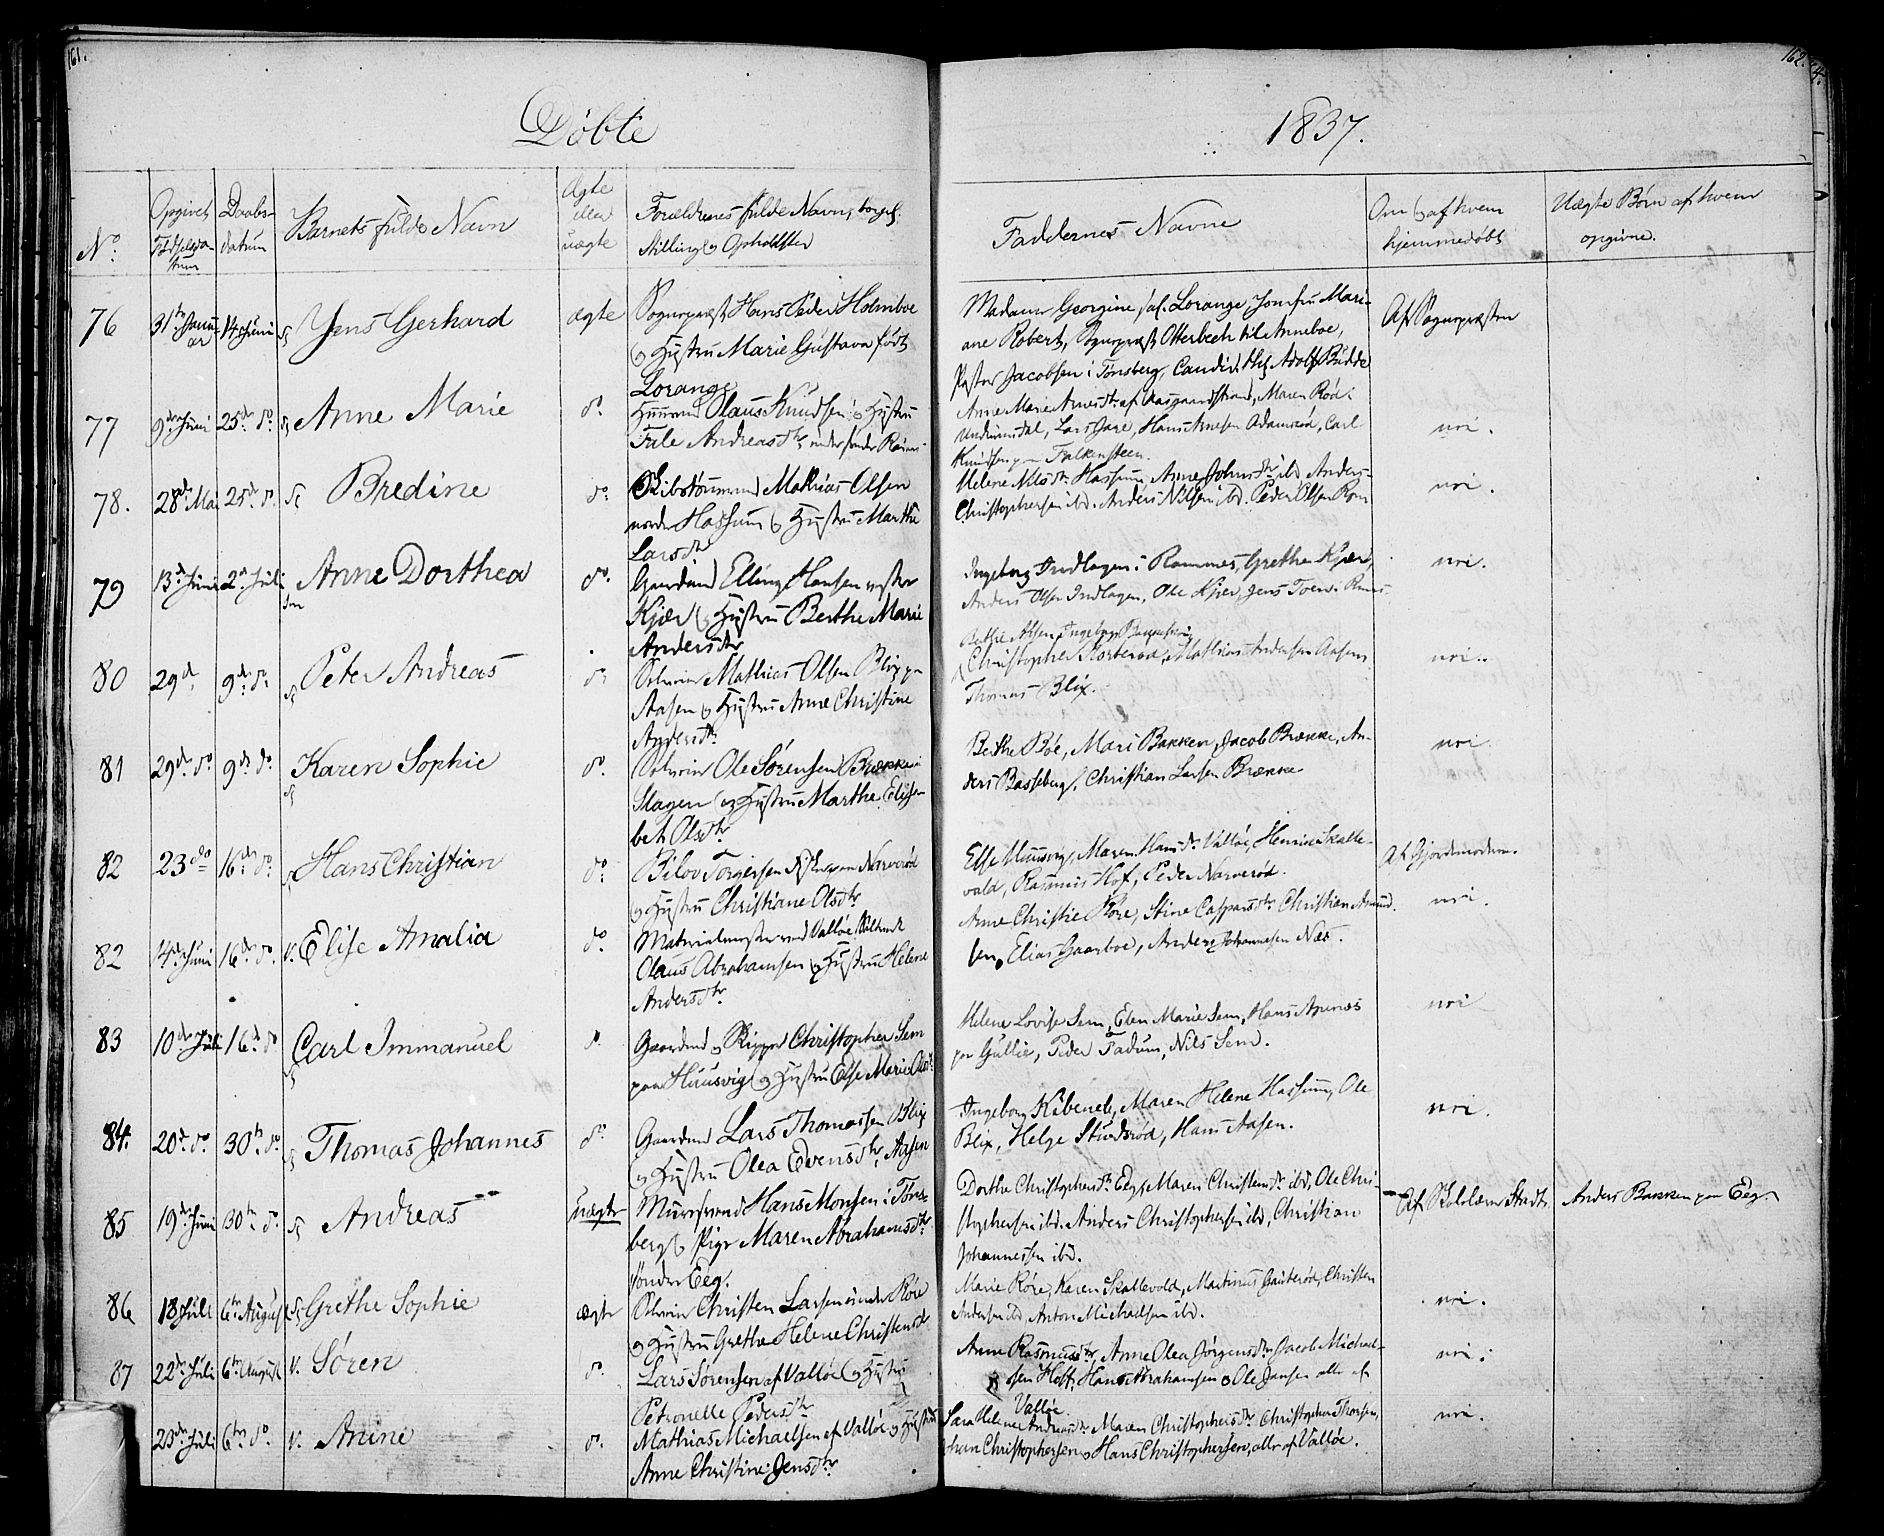 SAKO, Sem kirkebøker, F/Fa/L0005: Ministerialbok nr. I 5, 1825-1842, s. 161-162